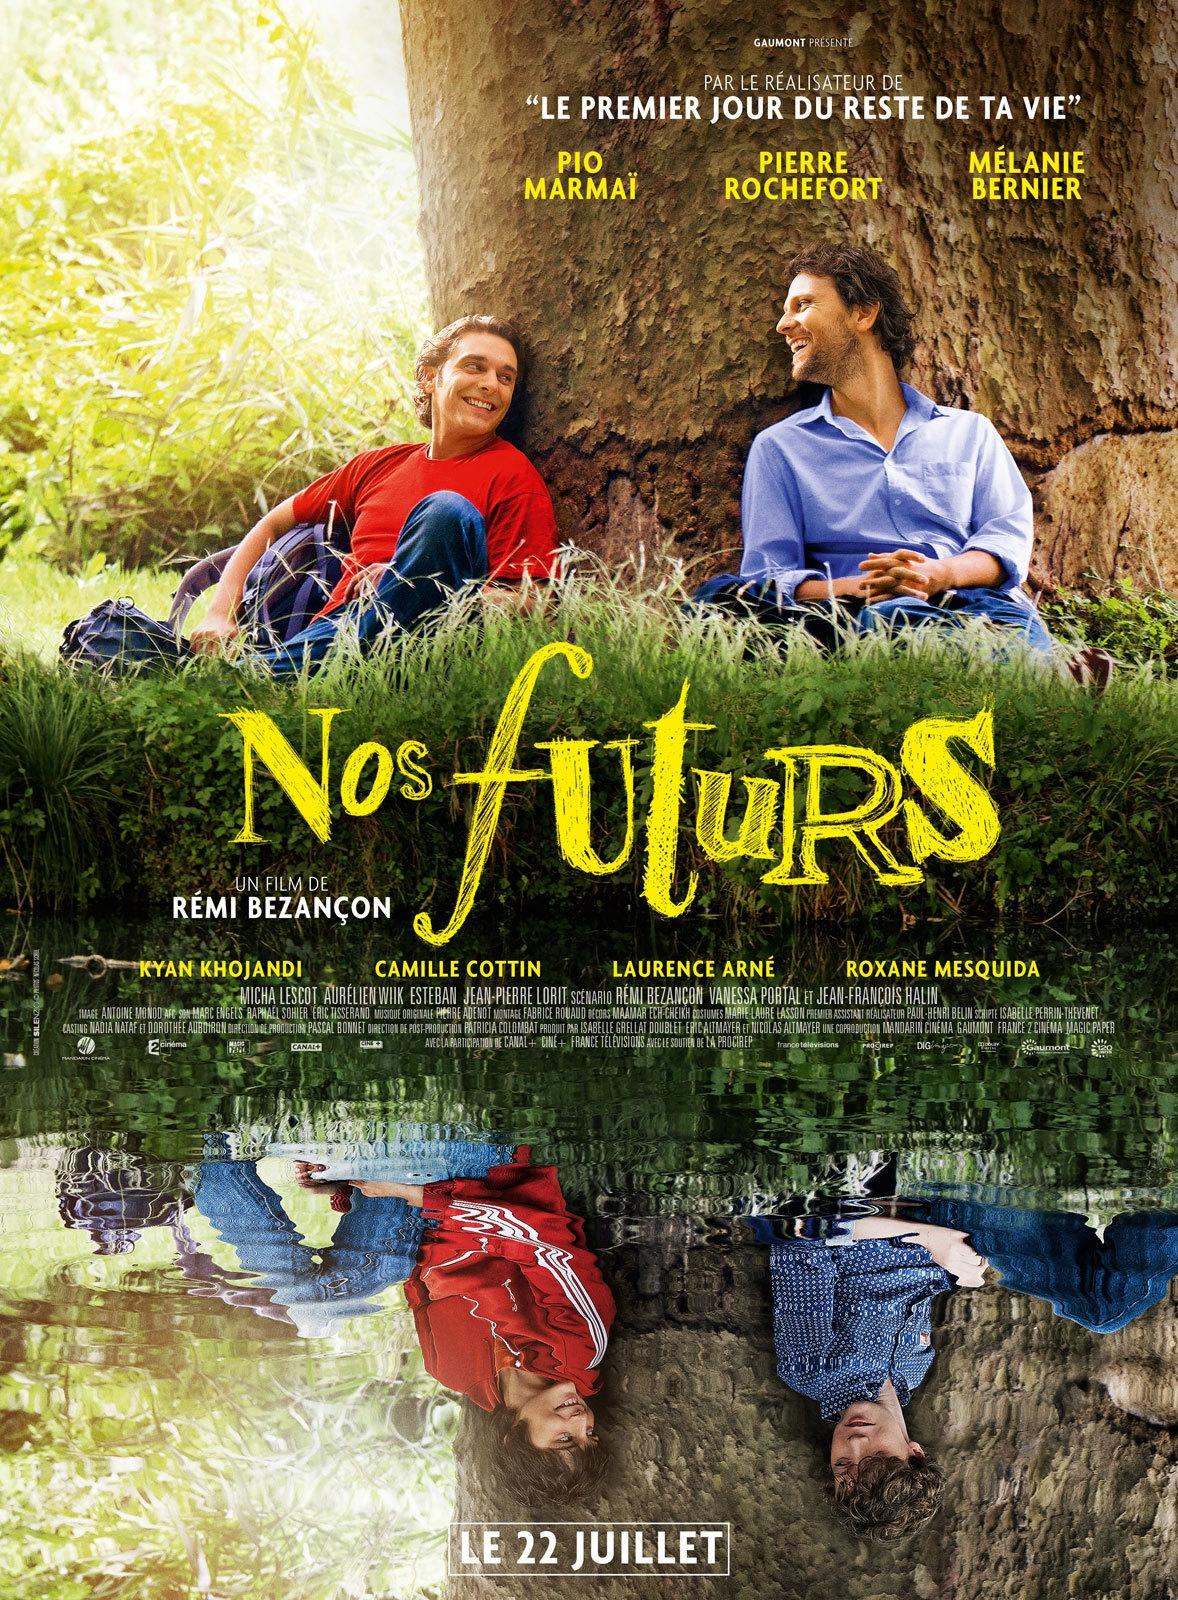 Nos futurs (2015)